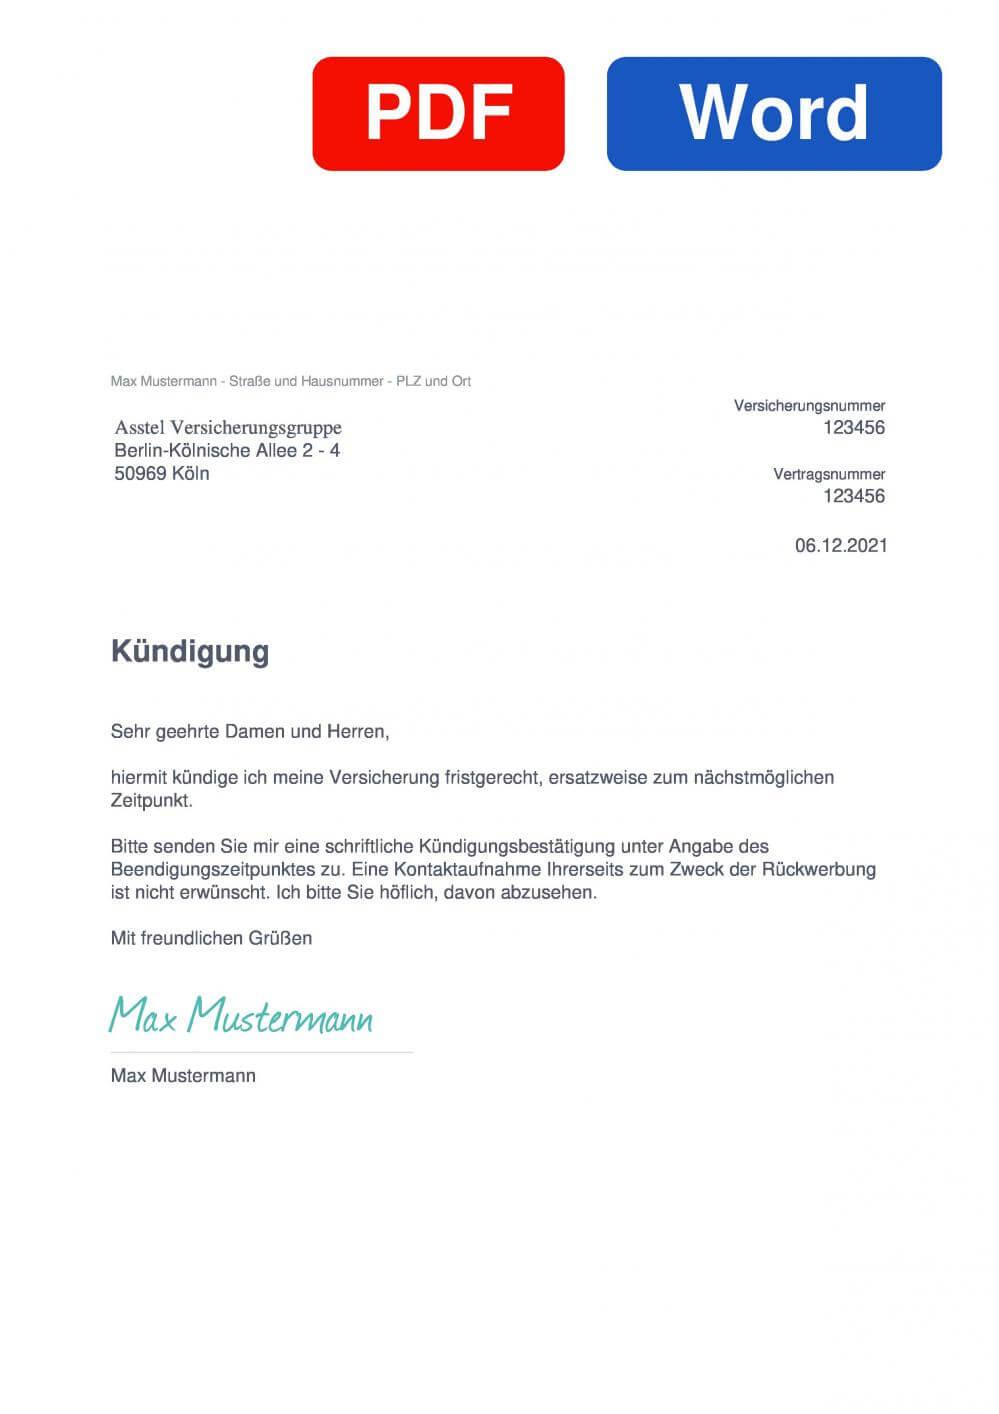 Asstel KFZ-Versicherung Muster Vorlage für Kündigungsschreiben